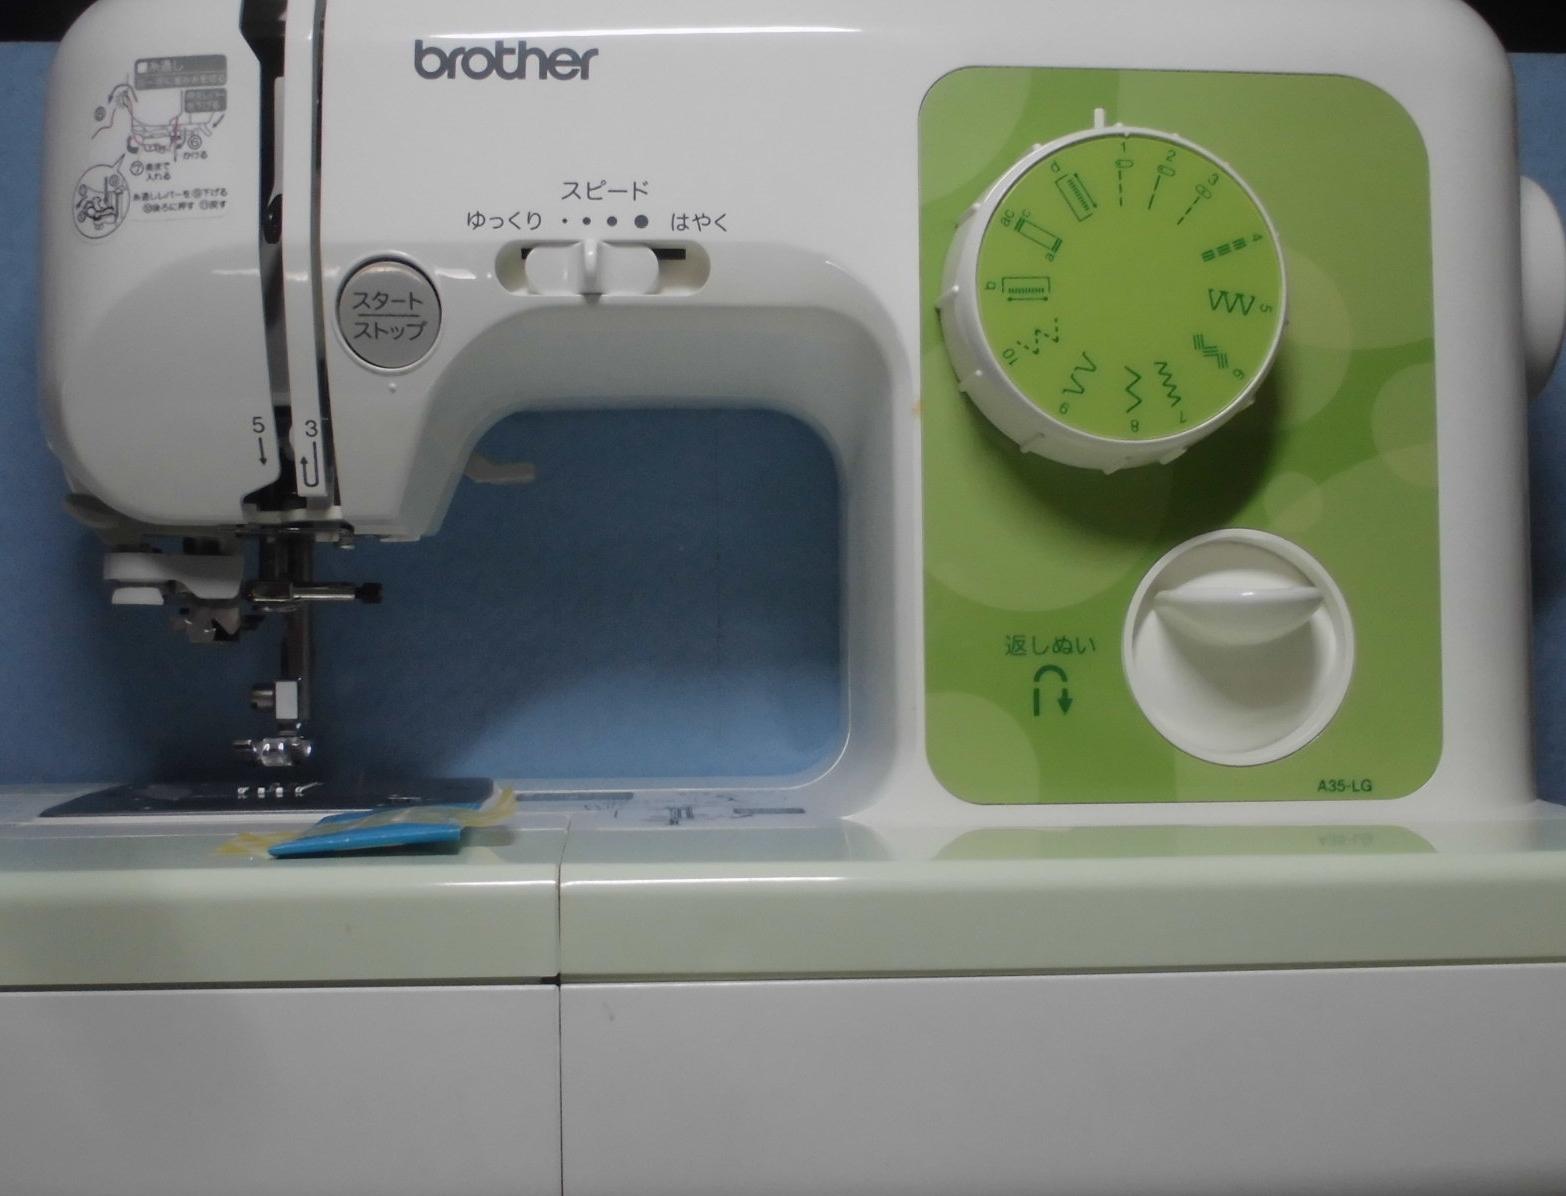 ブラザーミシン修理|A35-LG|針が布に通らない、縫えない、釜ずれ、タイミング不良